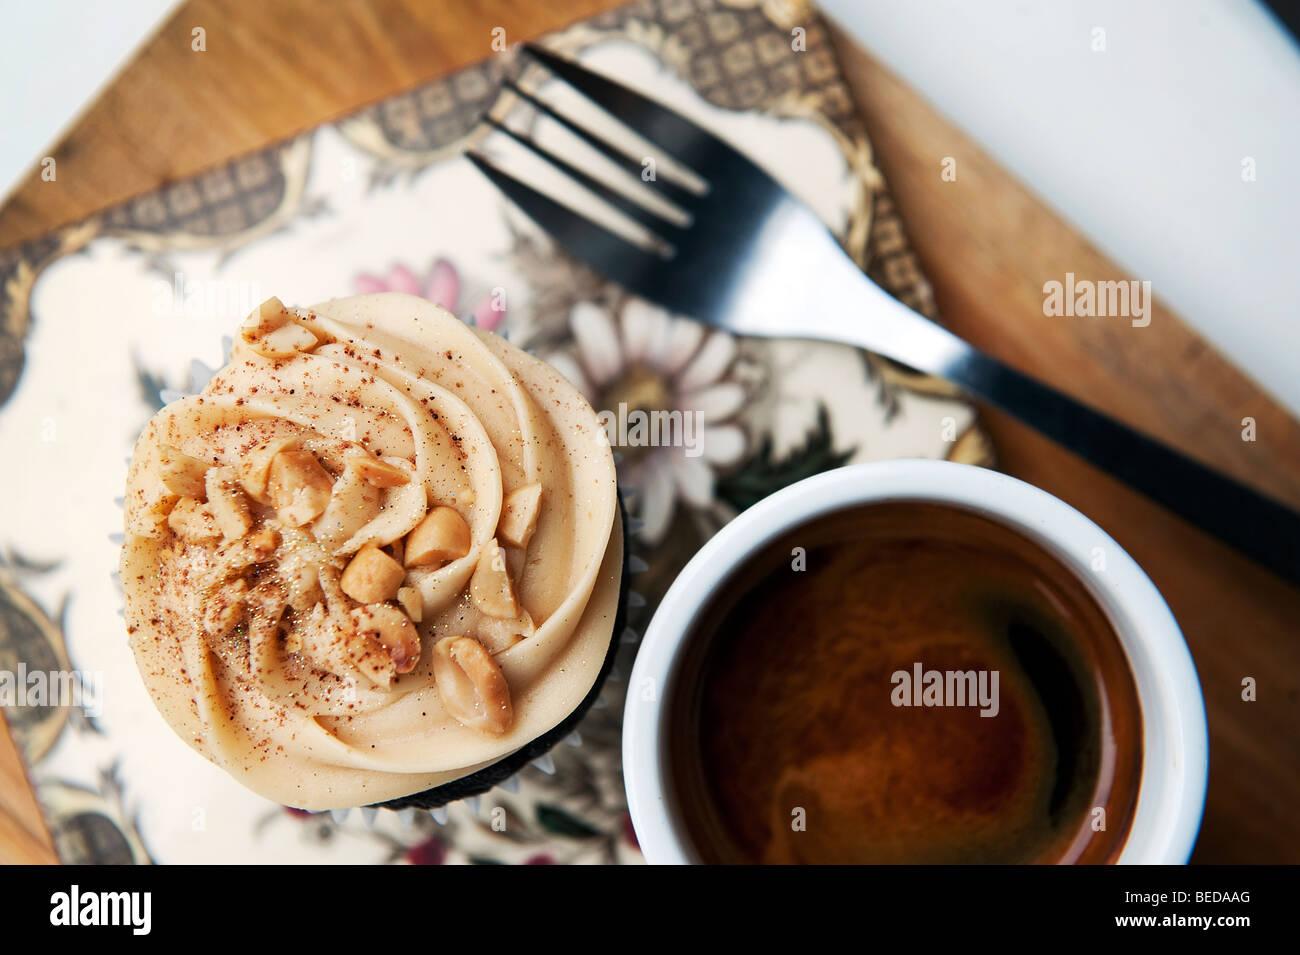 Un burro di arachidi Cup cake e caffè espresso nel cuore di Buchanan e deli cafe su Byres Road nel West End Immagini Stock